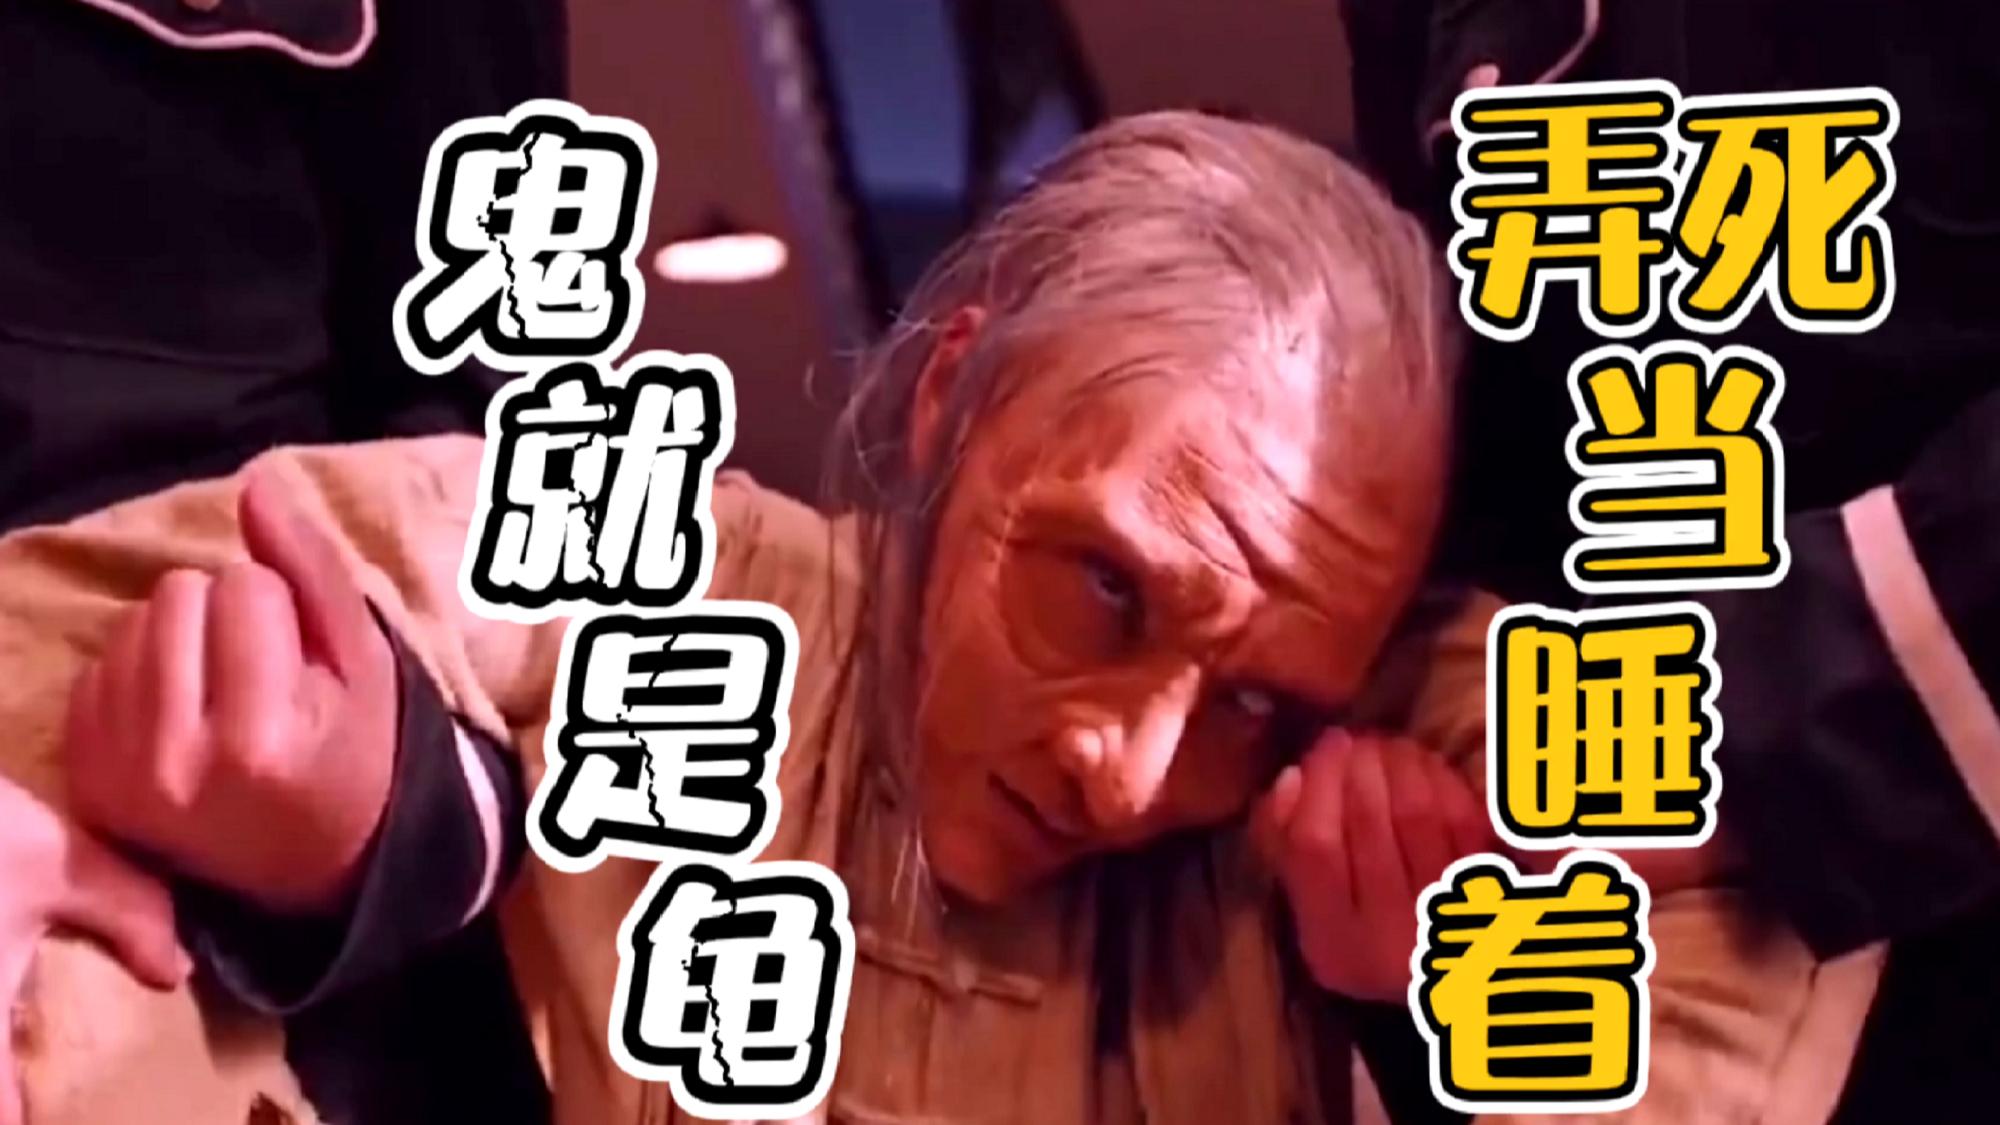 四川方言搞笑配音:鬼有啥怕的?鬼就是龟,弄死当睡着!